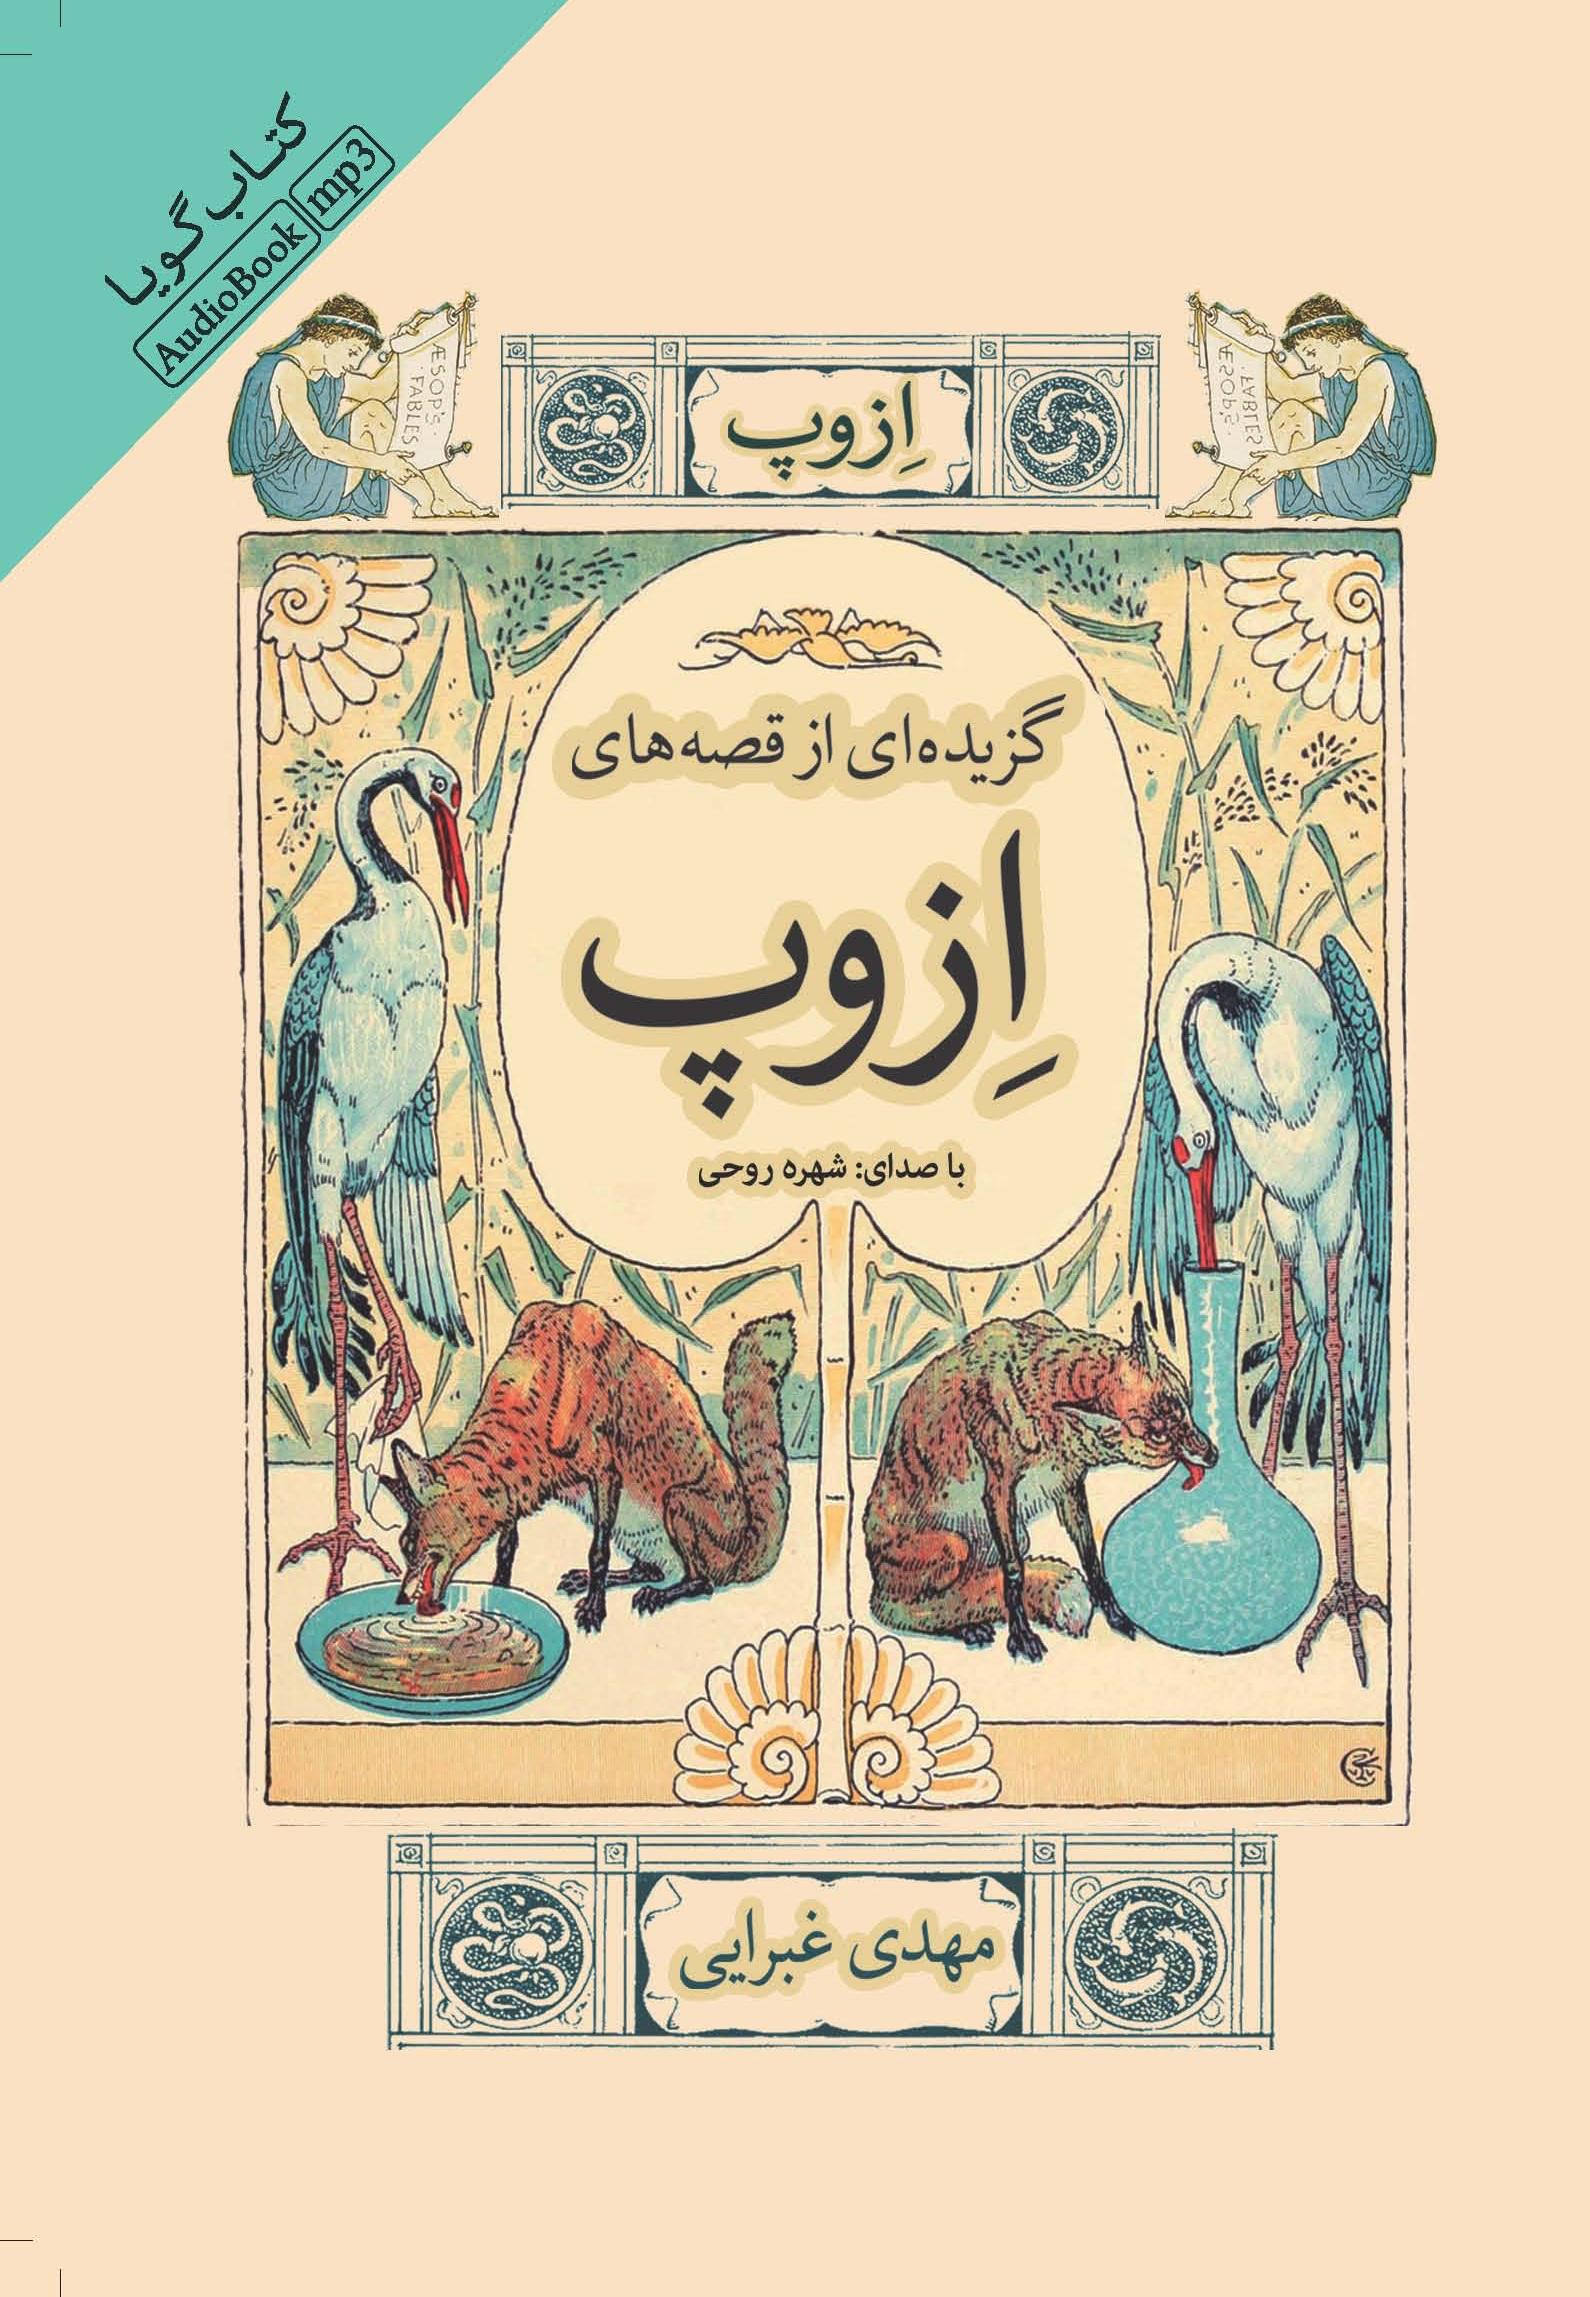 کتاب صوتی قصههای ازوپ